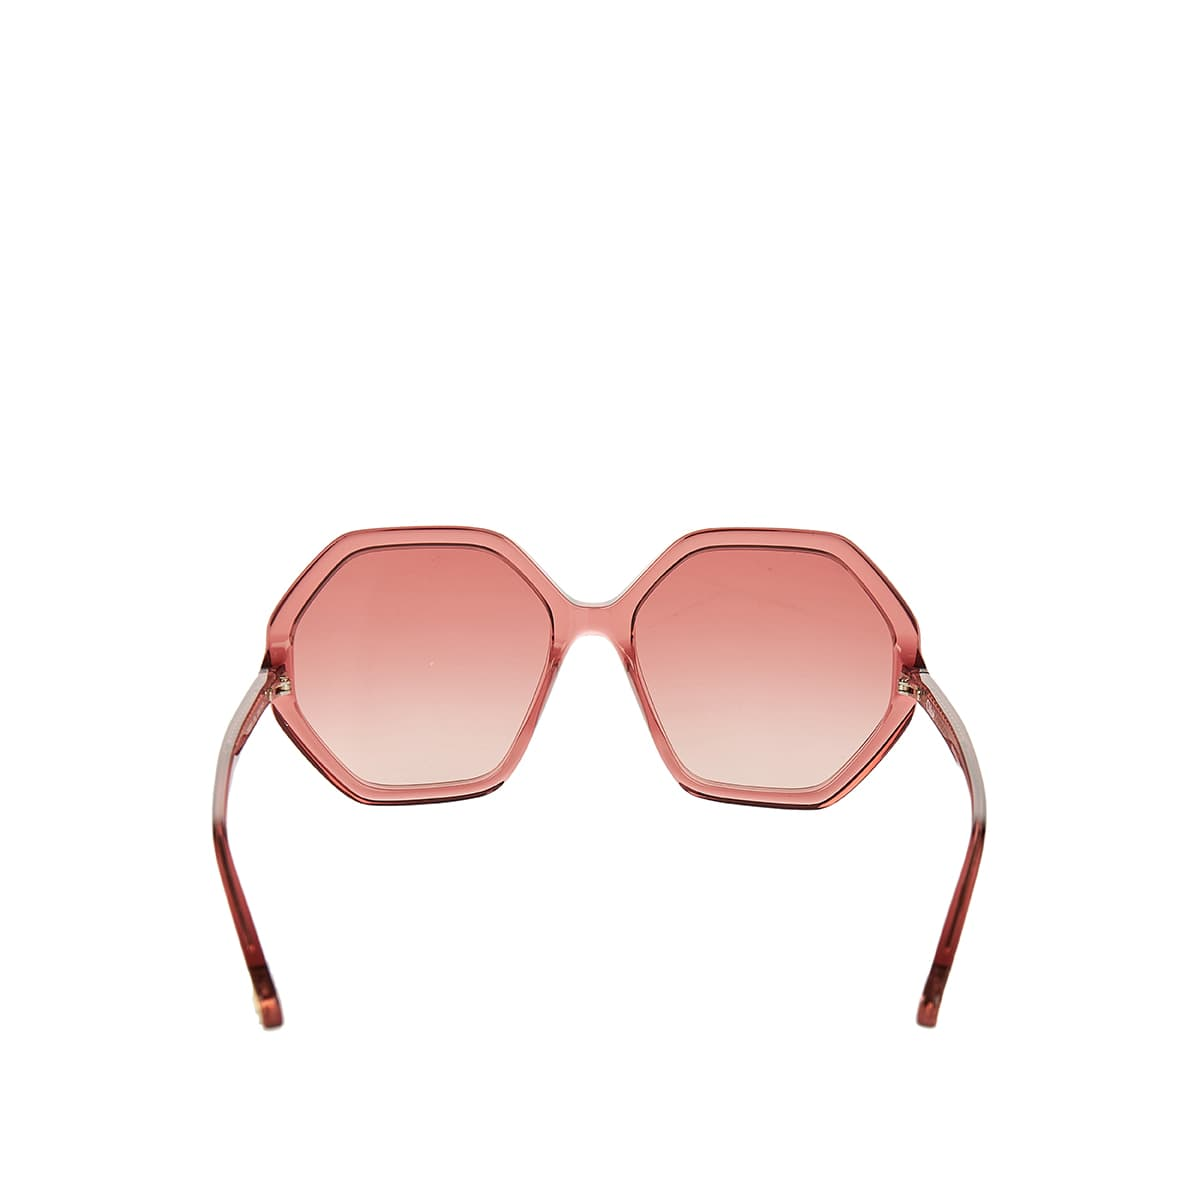 Willow octagonal acetate sunglasses